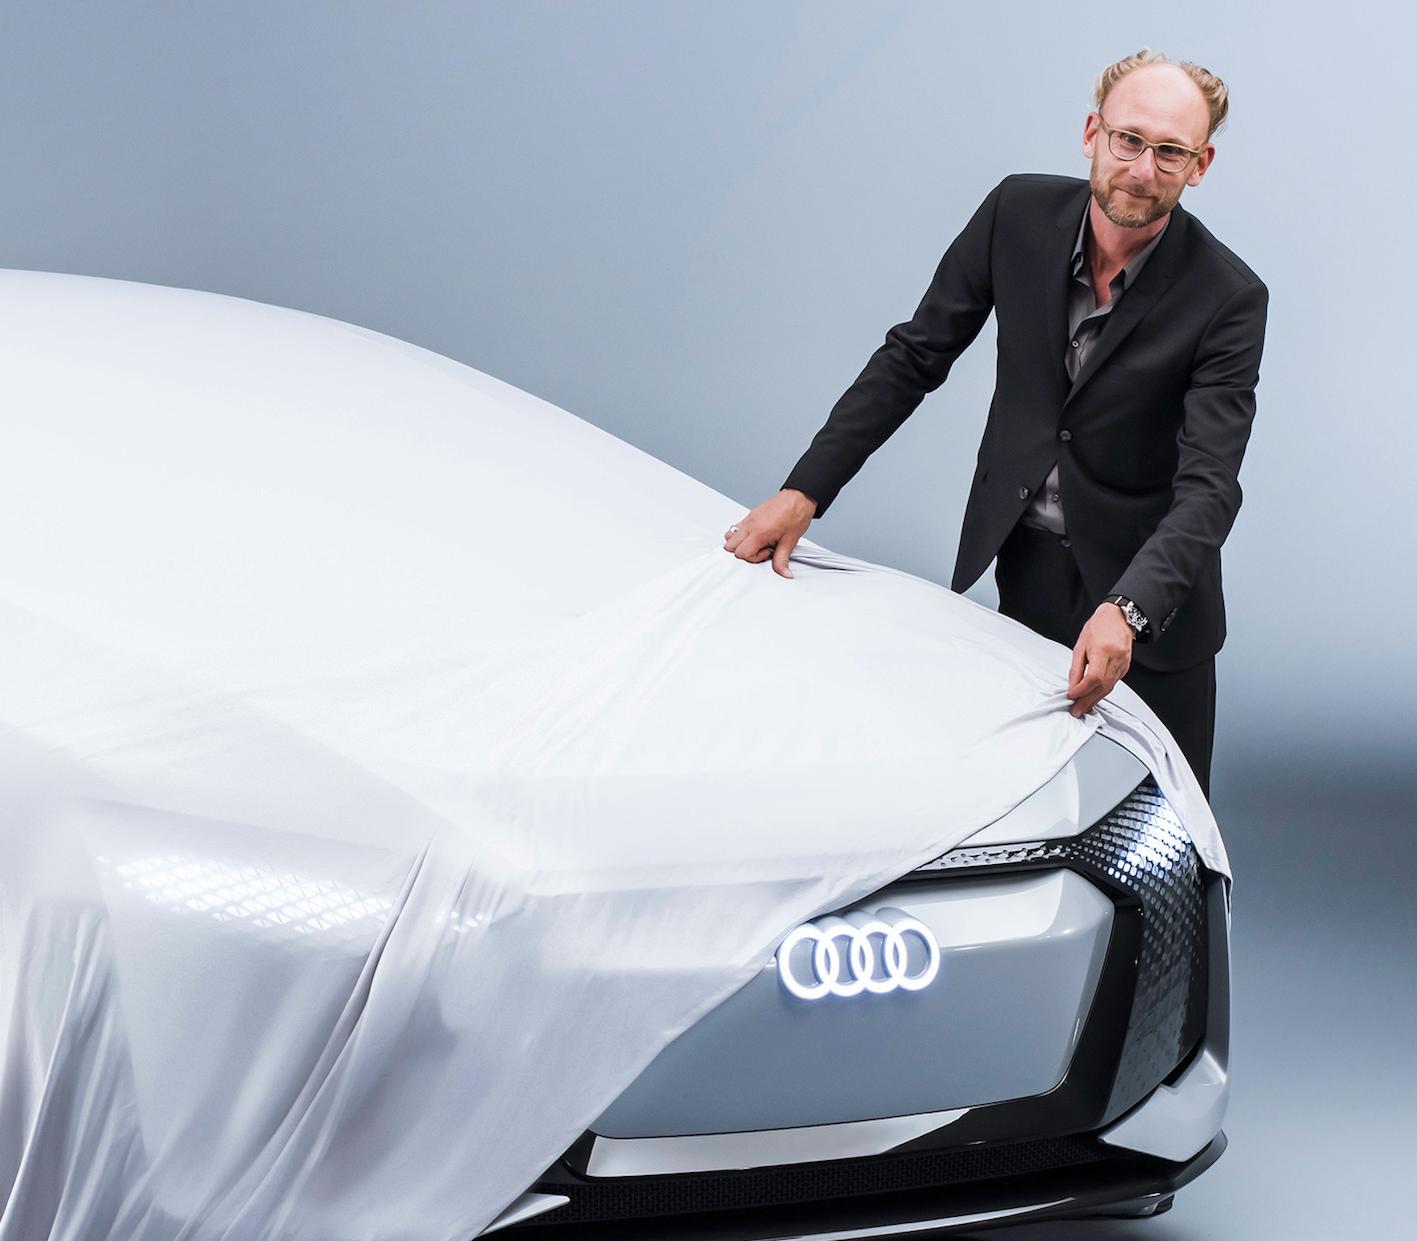 FRENCH-ENGLISH – Marc Lichte évoque le design des derniers concept-cars Audi